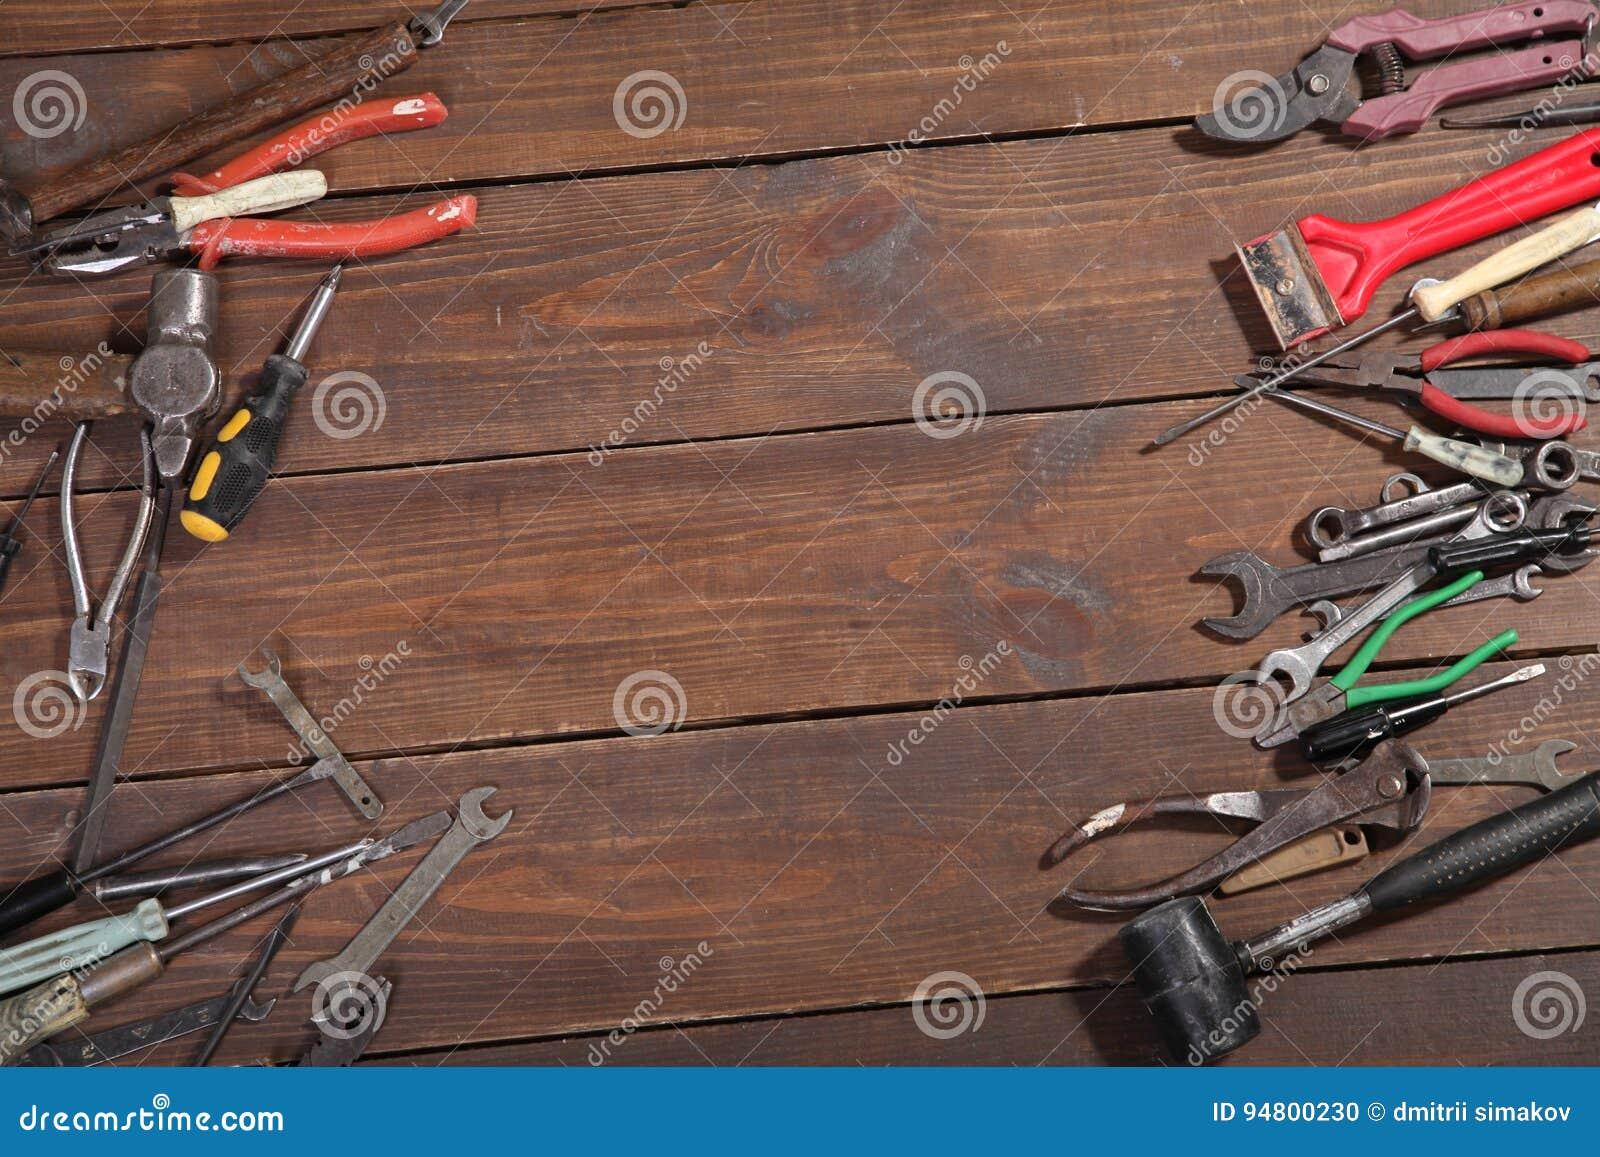 A construção martela alicates da ferramenta do reparo da chave de fenda